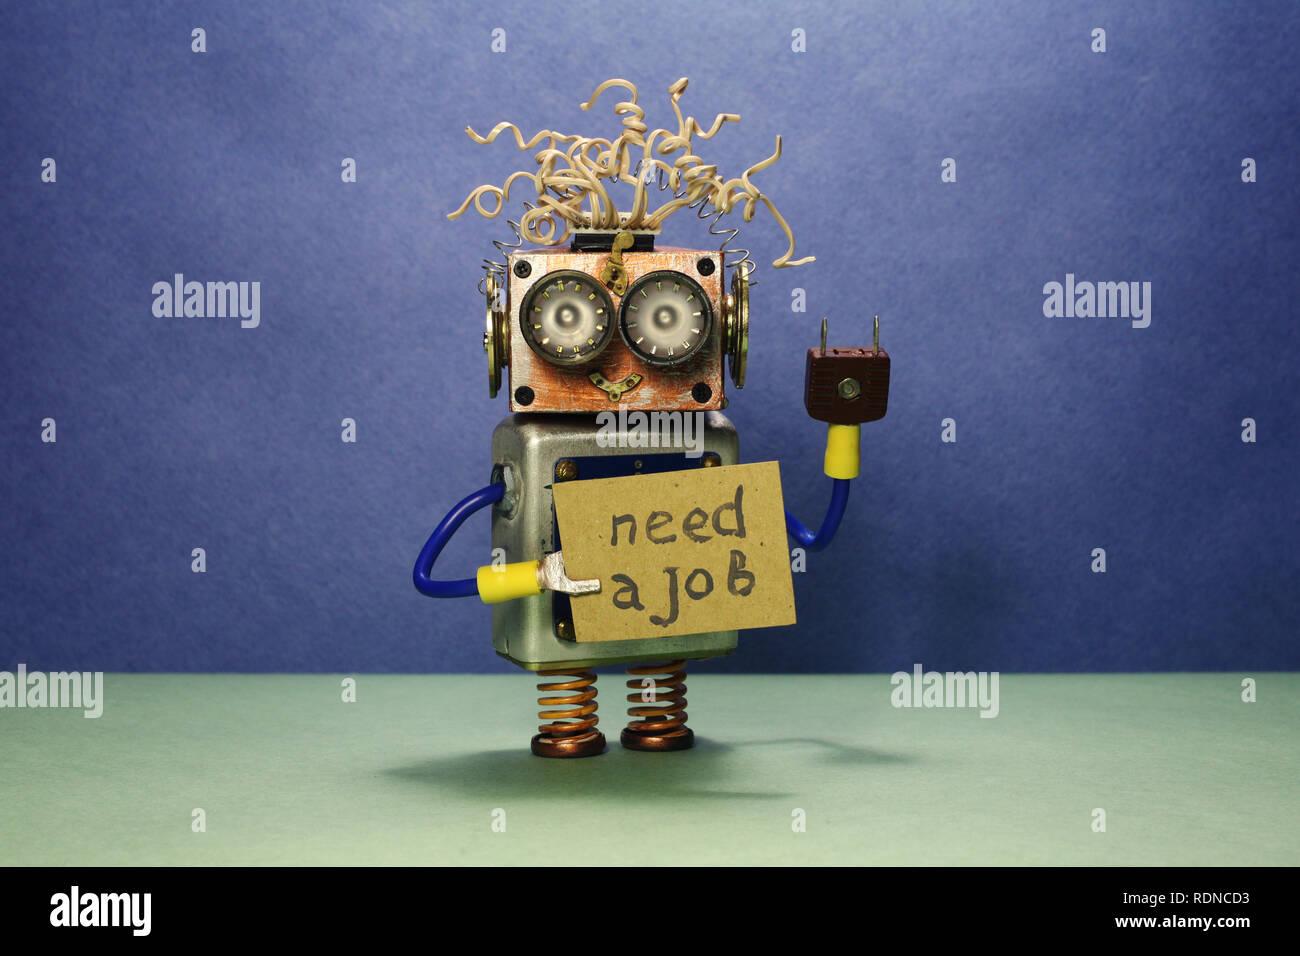 Robot à la recherche d'un emploi. Les chômeurs fou robot jouet en carton contient le texte manuscrit annonce Besoin d'un emploi. Fond vert bleu. Photo Stock